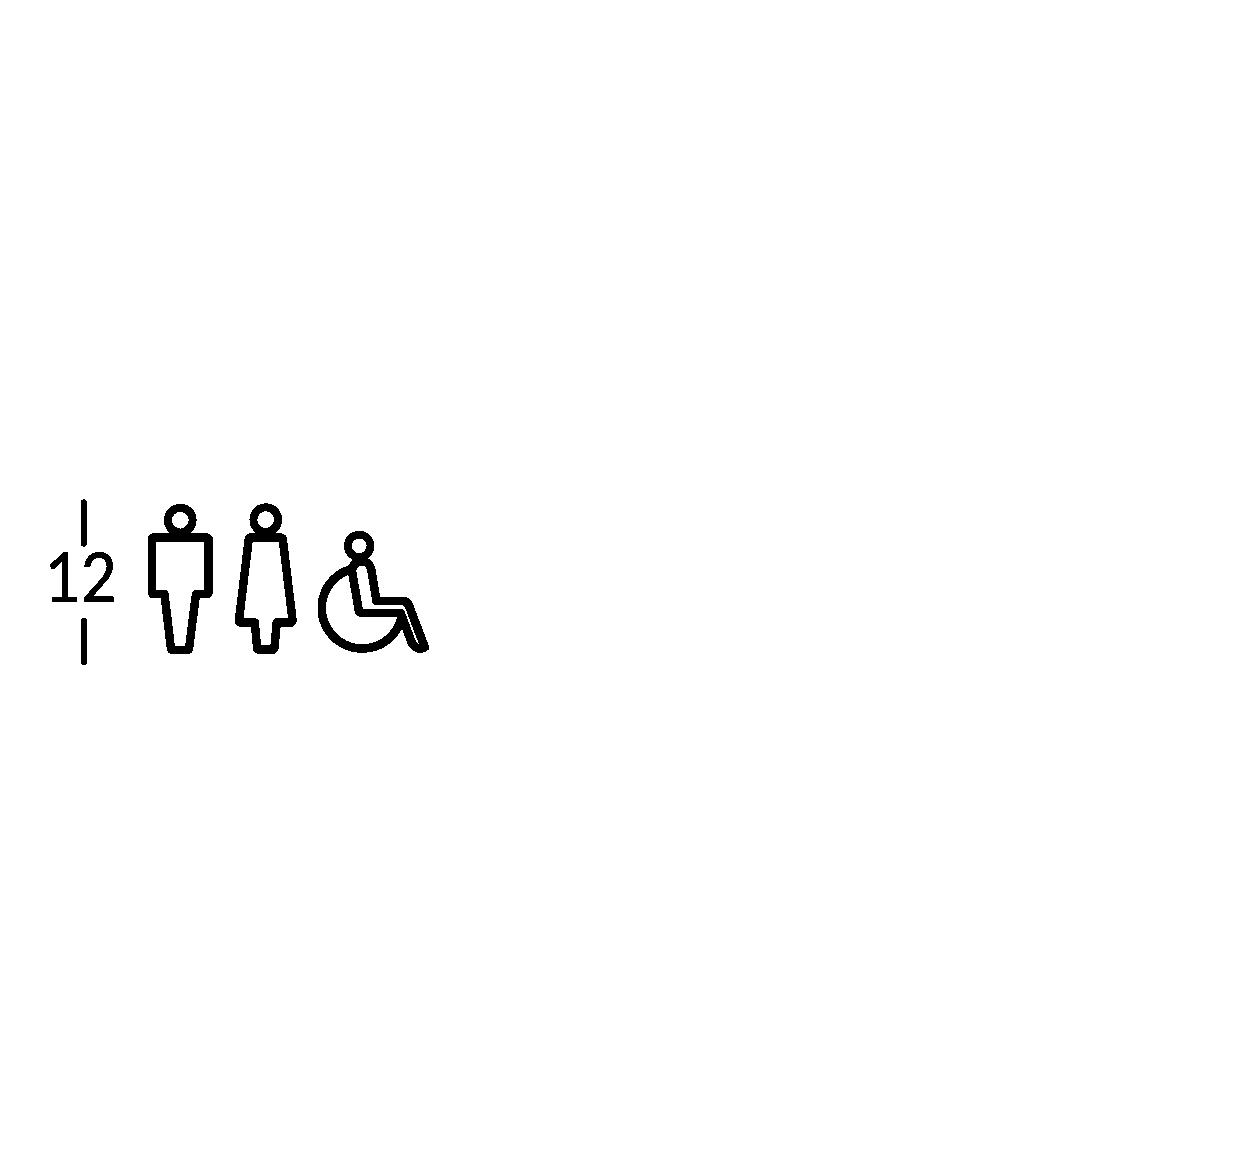 Simbolo ritagliato